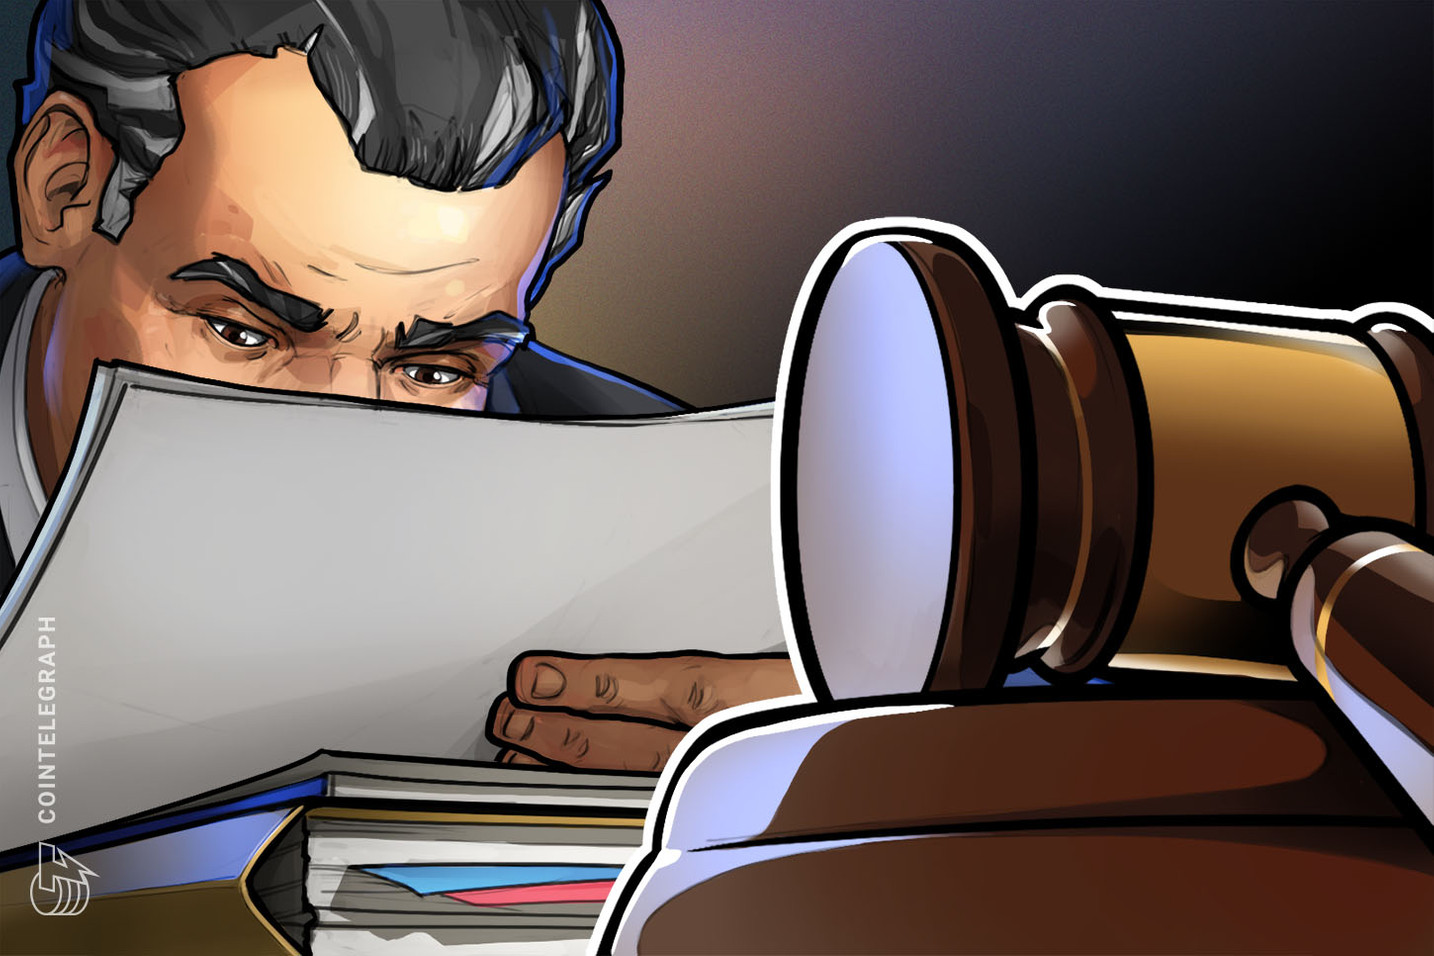 Un exempleado de Kraken demanda al exchange por 'prácticas comerciales no éticas e ilegales'